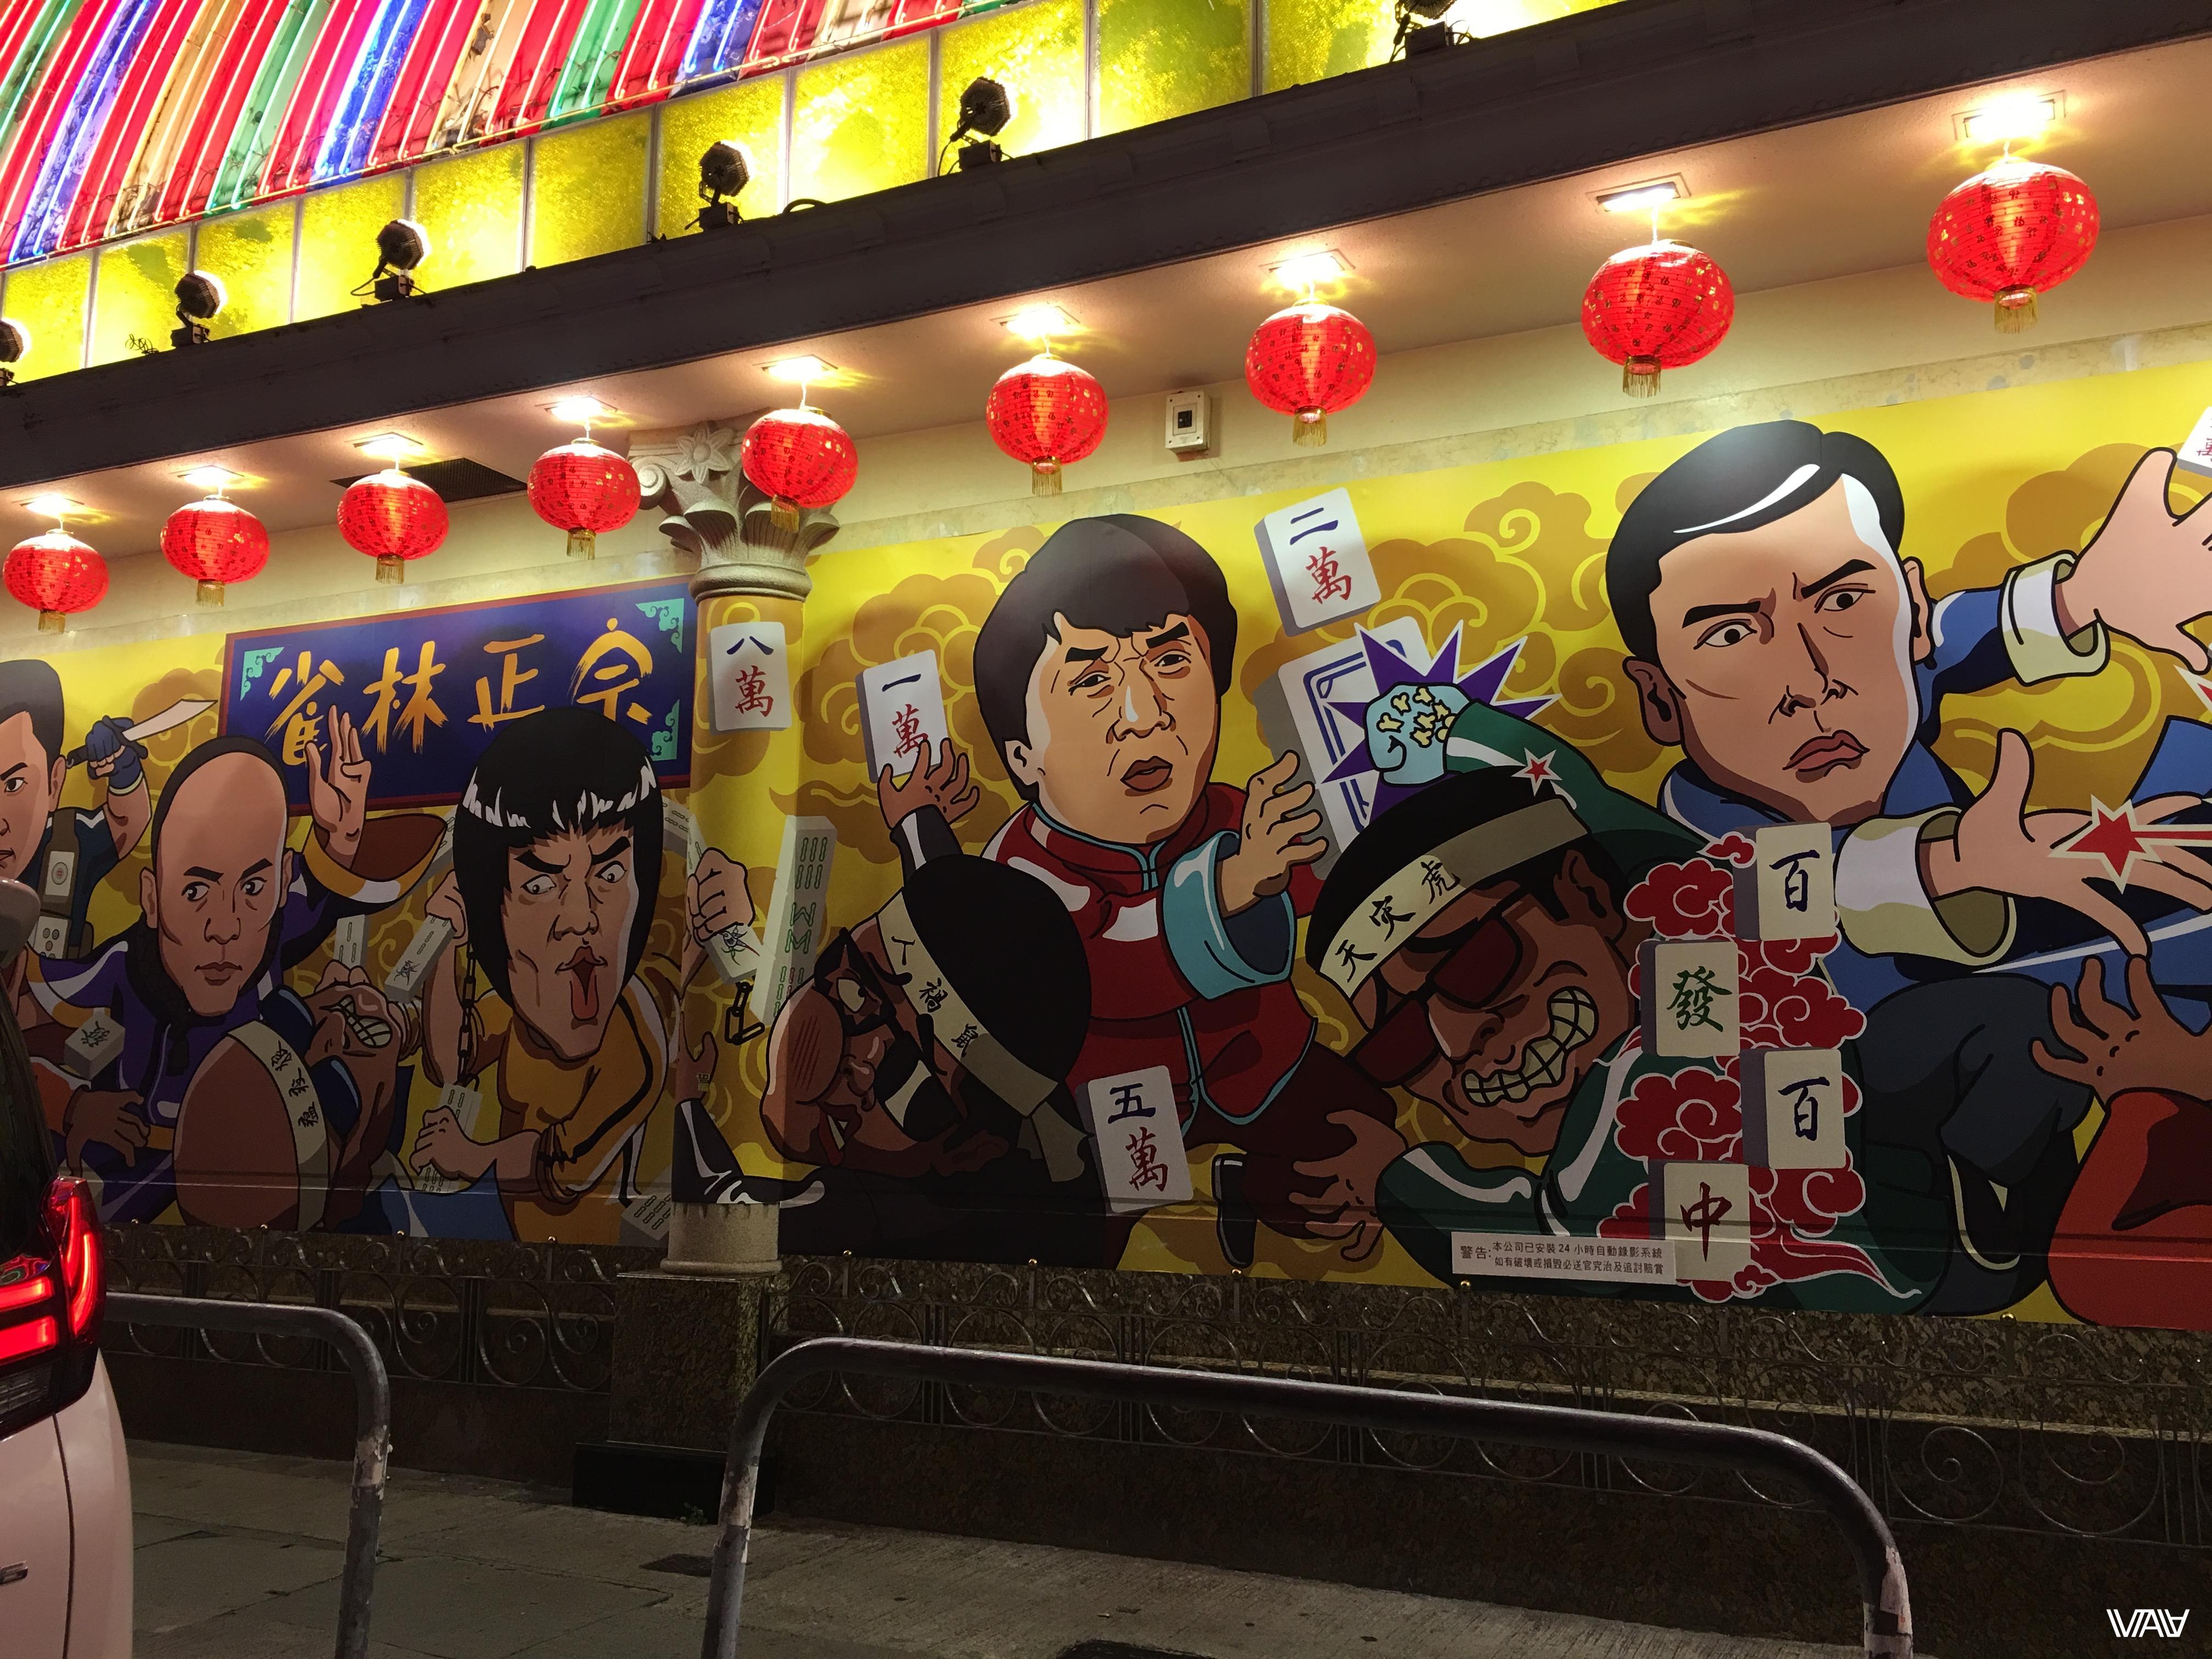 Hong Kong is the birthplace of many talented people. Hong Kong, China